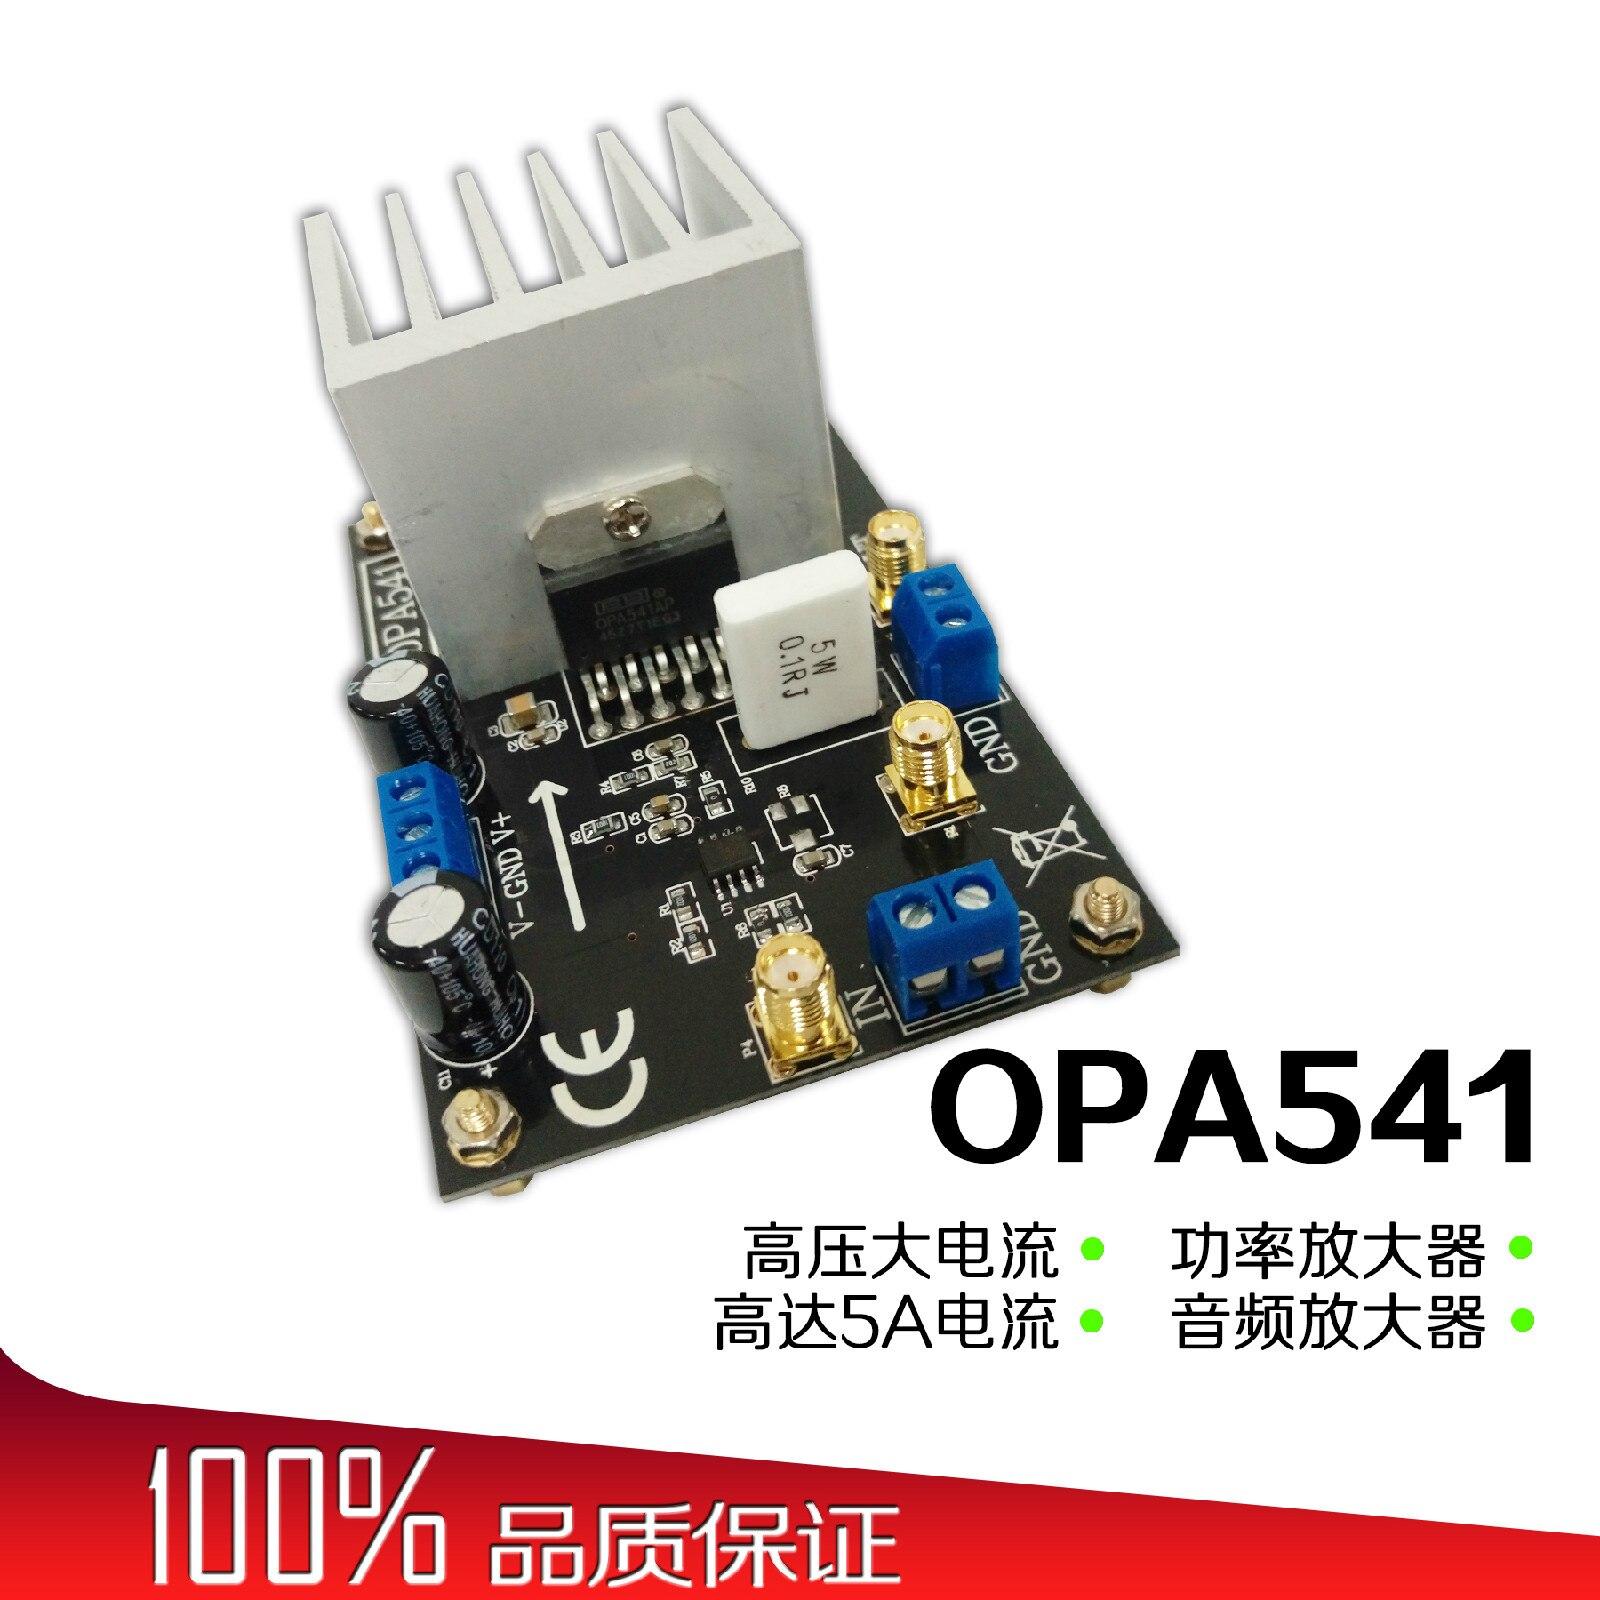 OPA541 Module Power Amplifier Audio Amplifier 5A Current High Voltage High Current Power Amplifier BoardOPA541 Module Power Amplifier Audio Amplifier 5A Current High Voltage High Current Power Amplifier Board